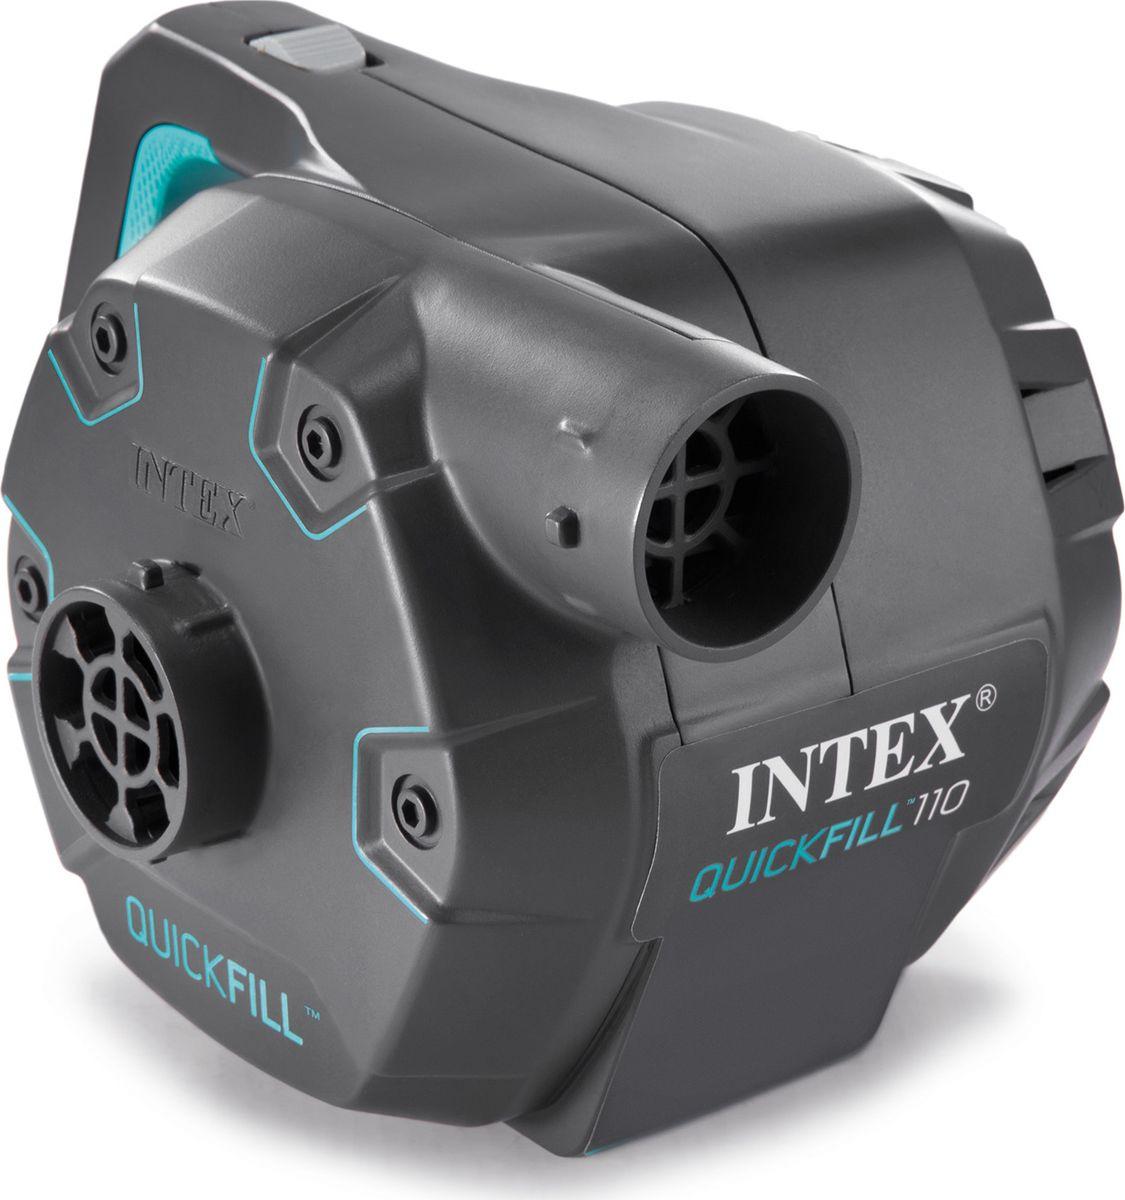 Насос электрический для бассейна Intex, с 3 насадками, с66644, черный, 220V цена